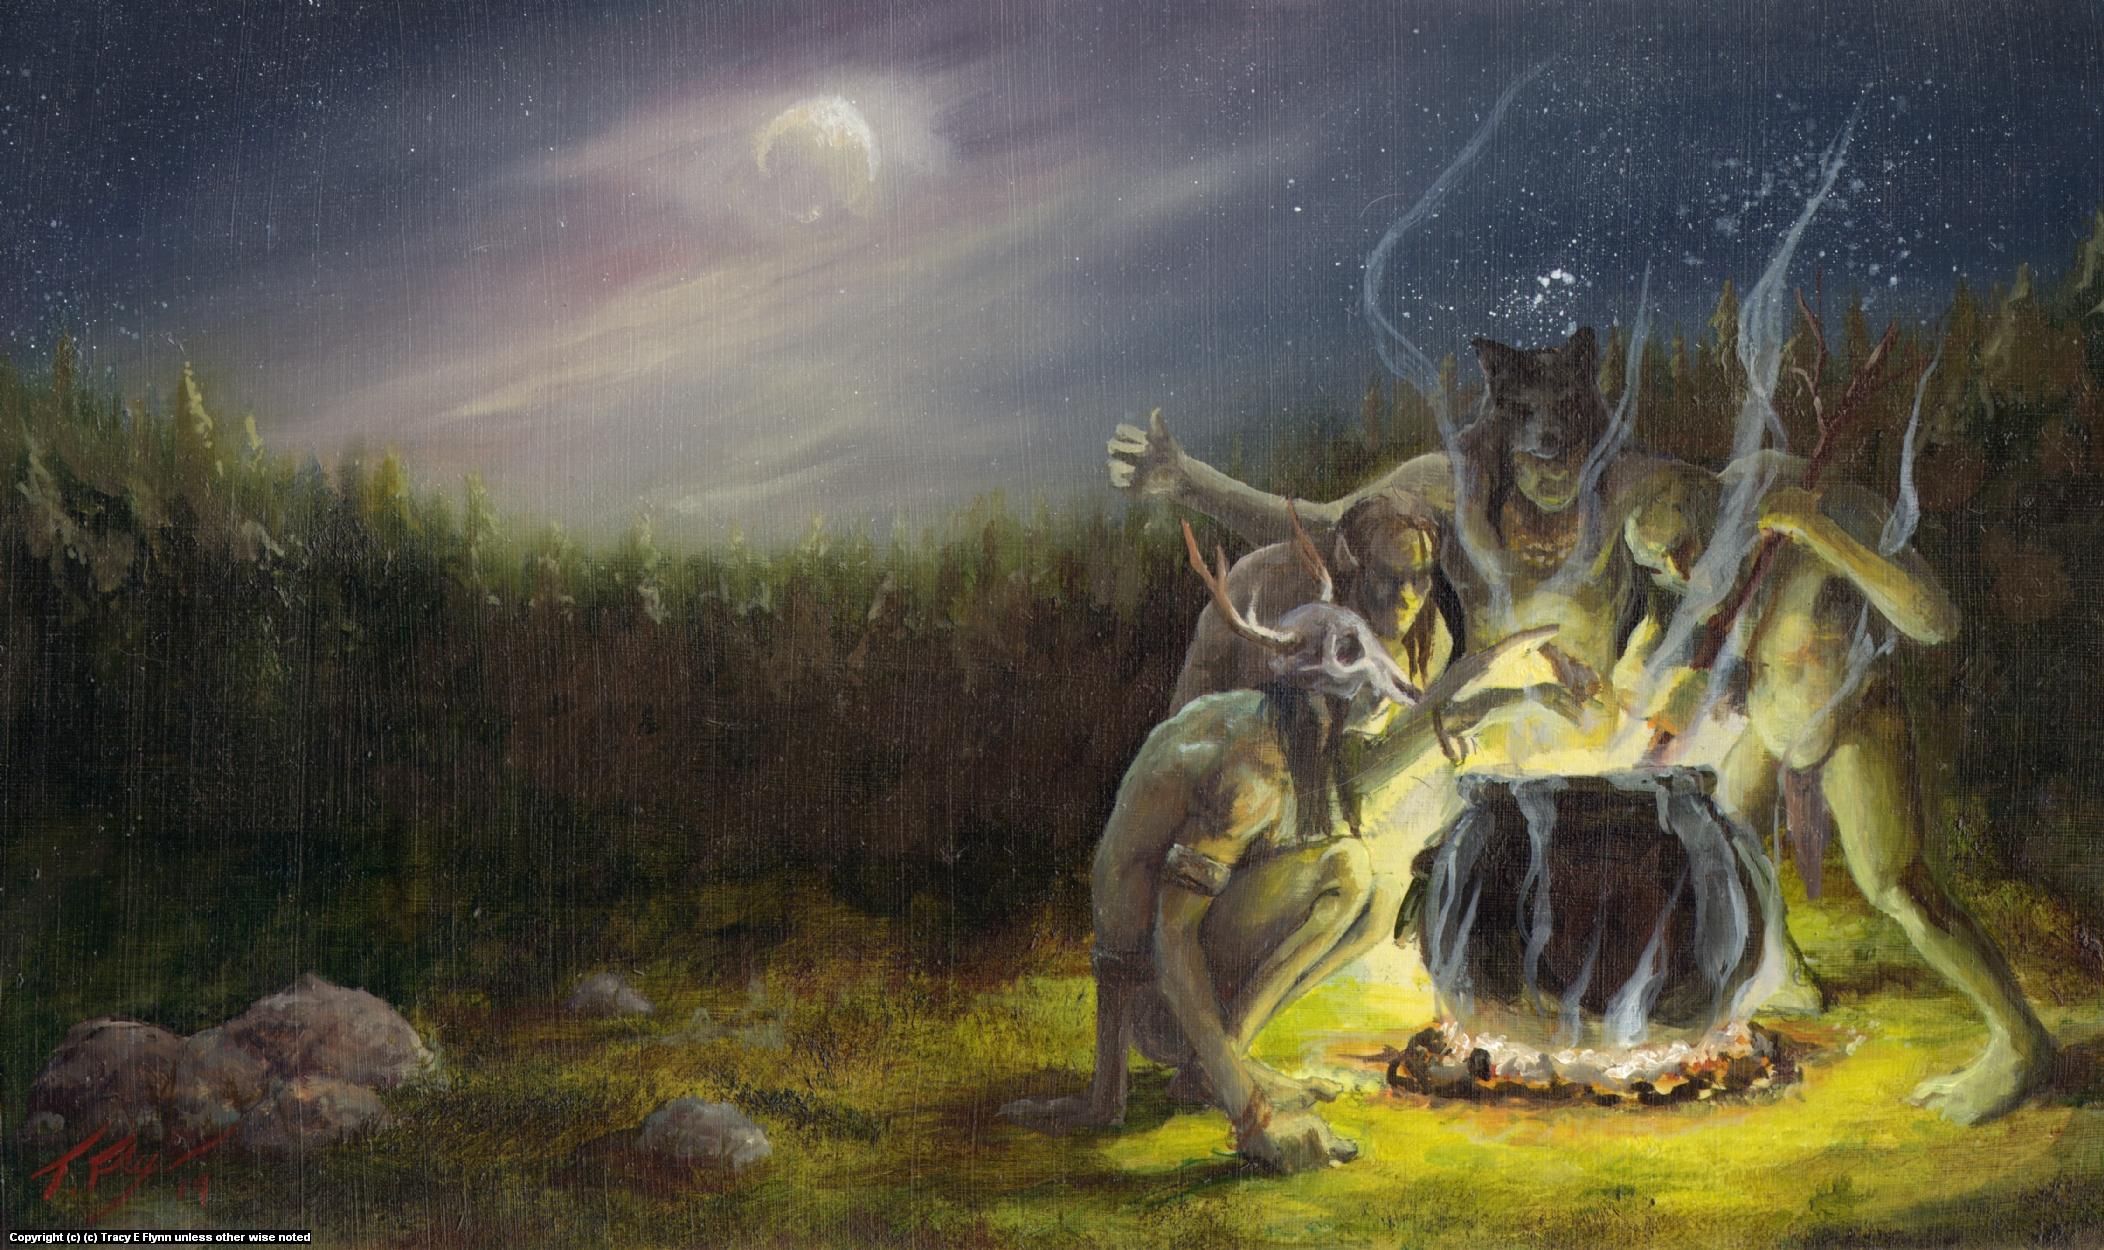 TROLL MAGIC Artwork by Tracy E Flynn